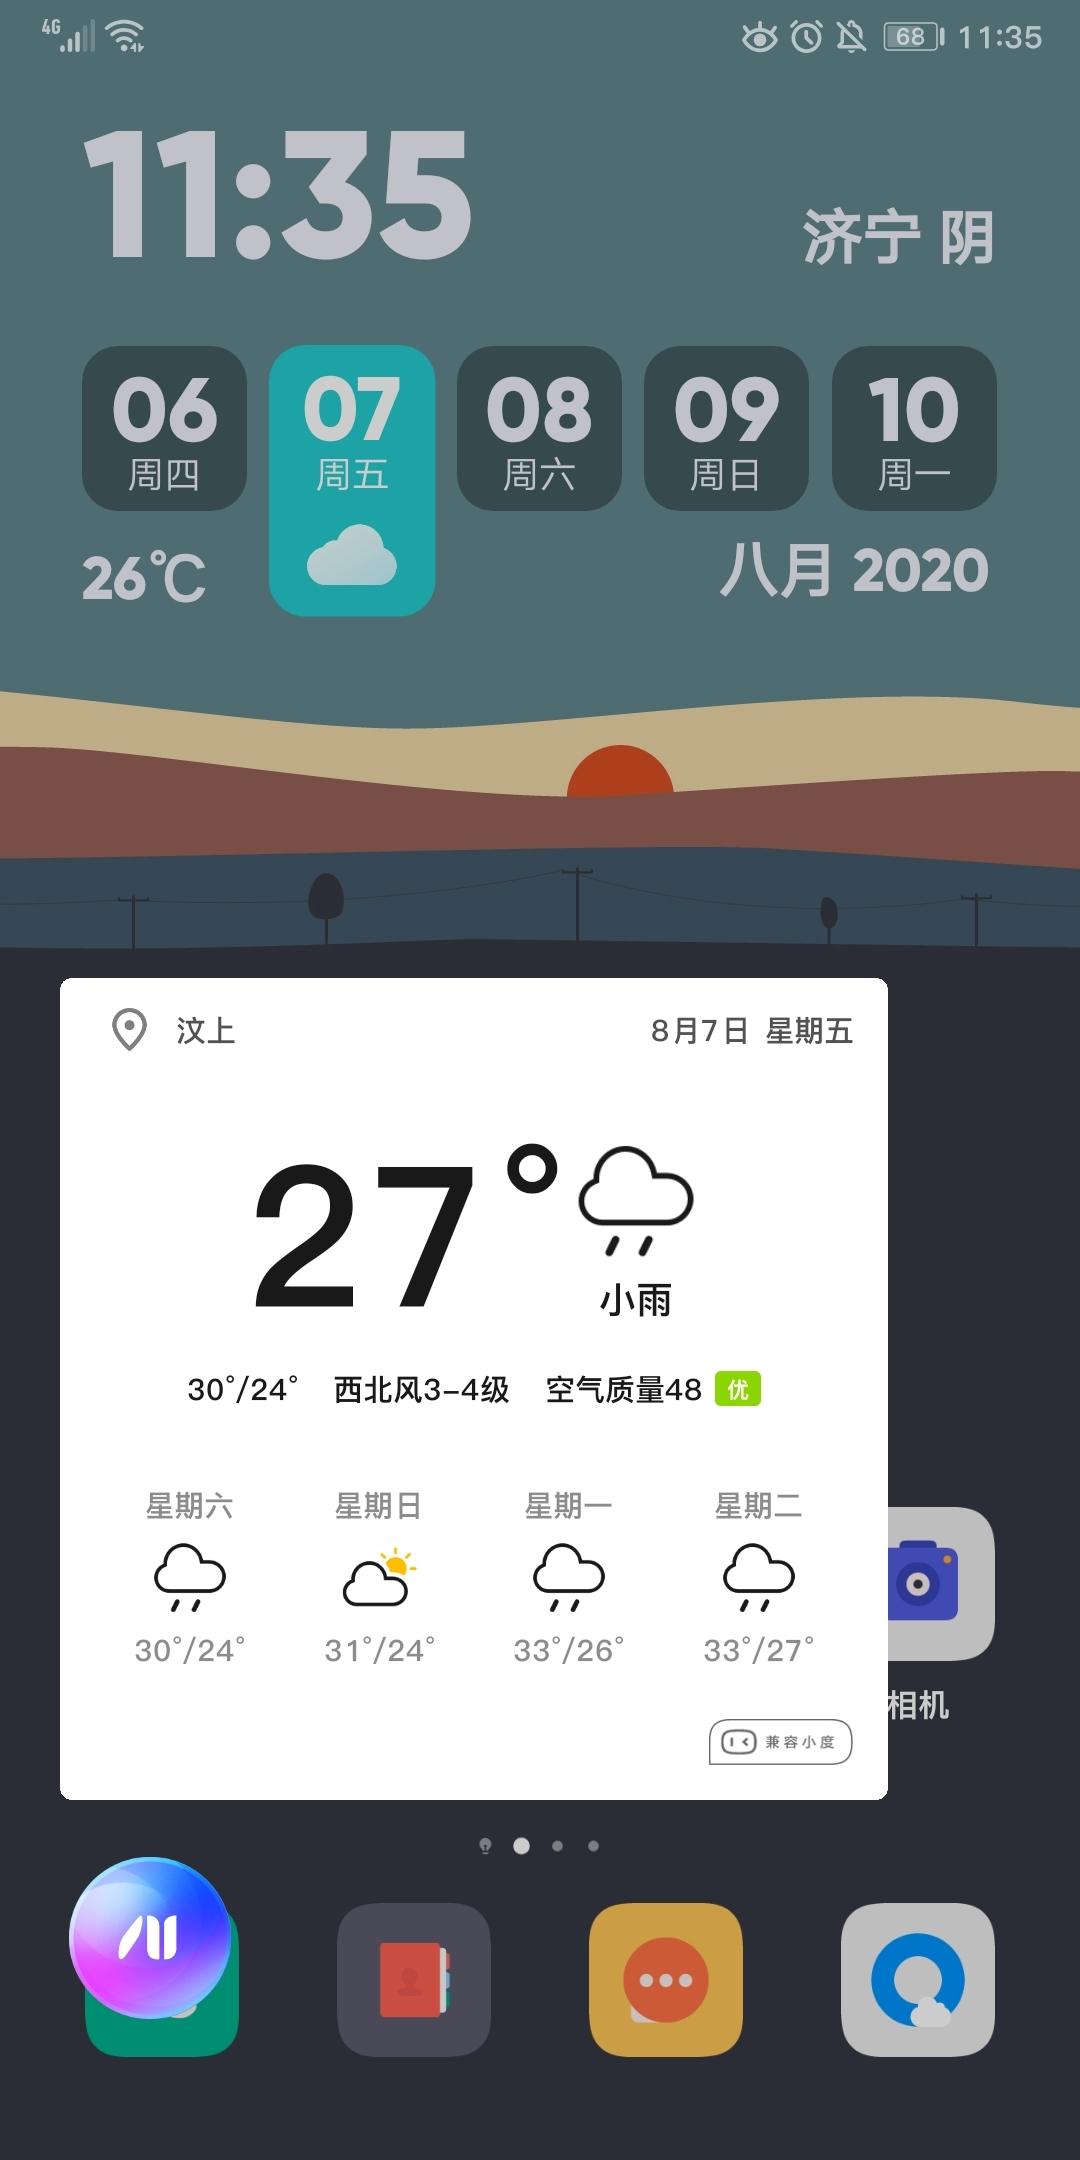 Screenshot_20200807_113530_com.huawei.android.launcher.jpg